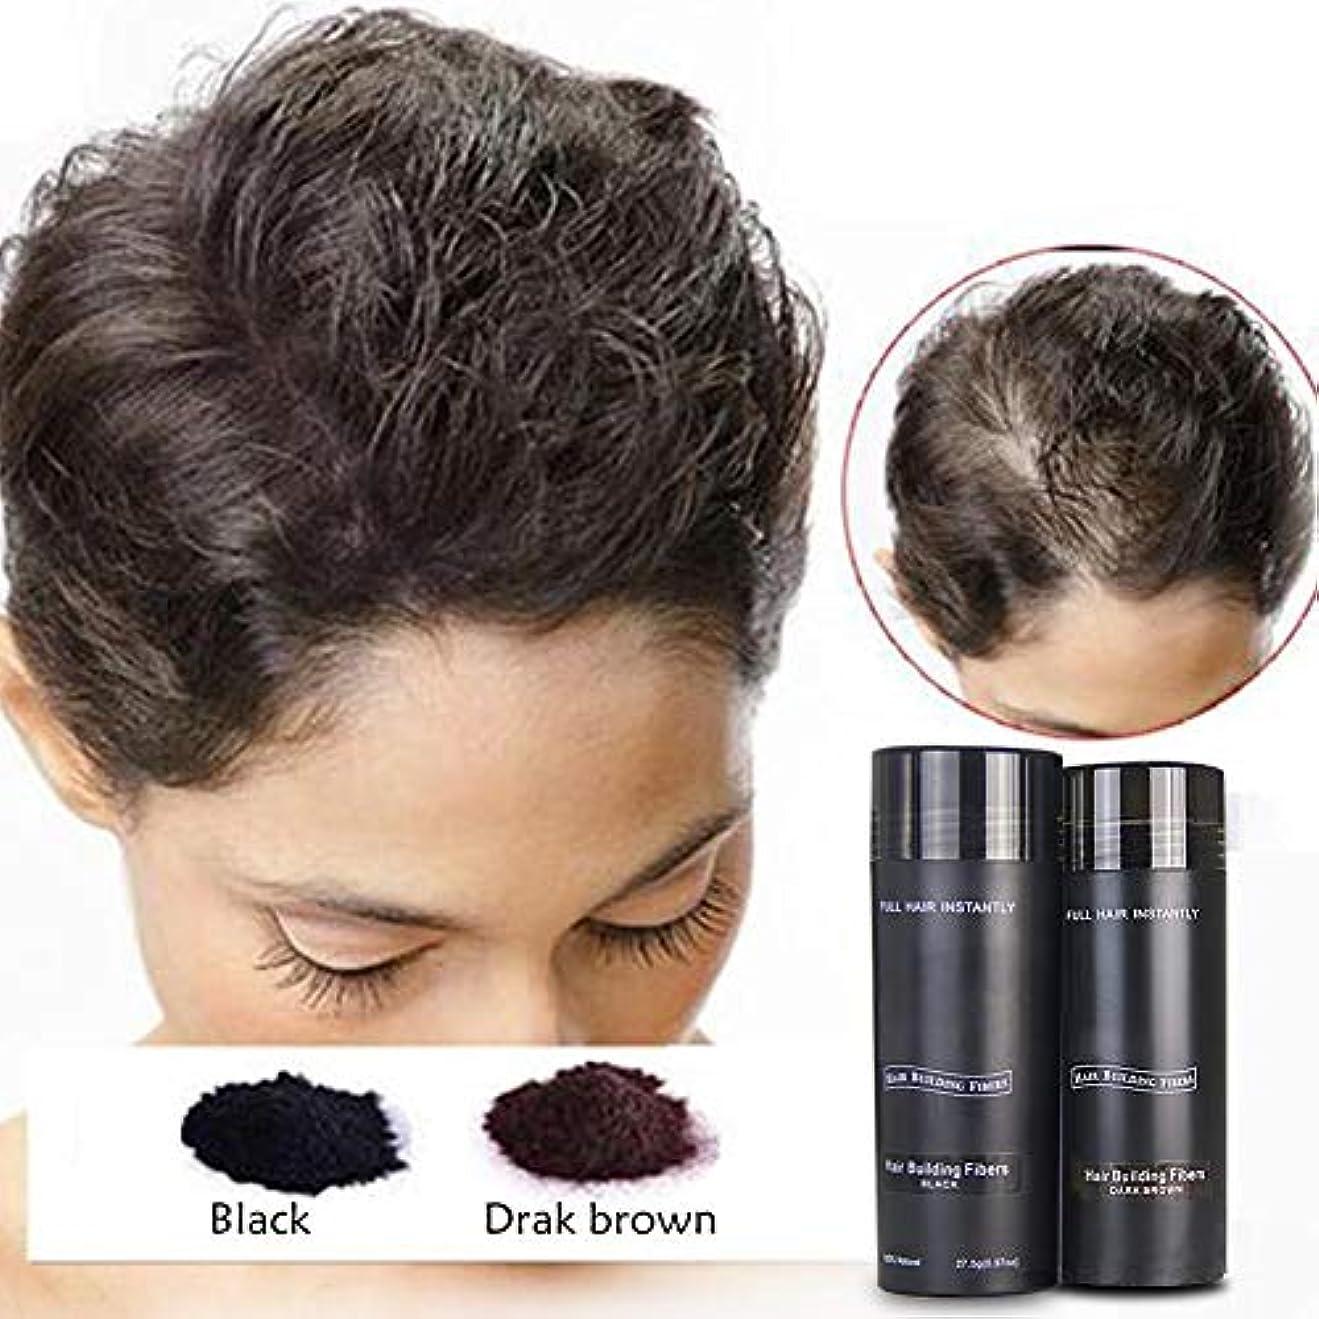 増毛ケア用品 ヘアパウダー ポンポンパウダー 毛髪発生繊維 静電吸着原理 男性と女性 毛髪をより自然で濃厚に見せます